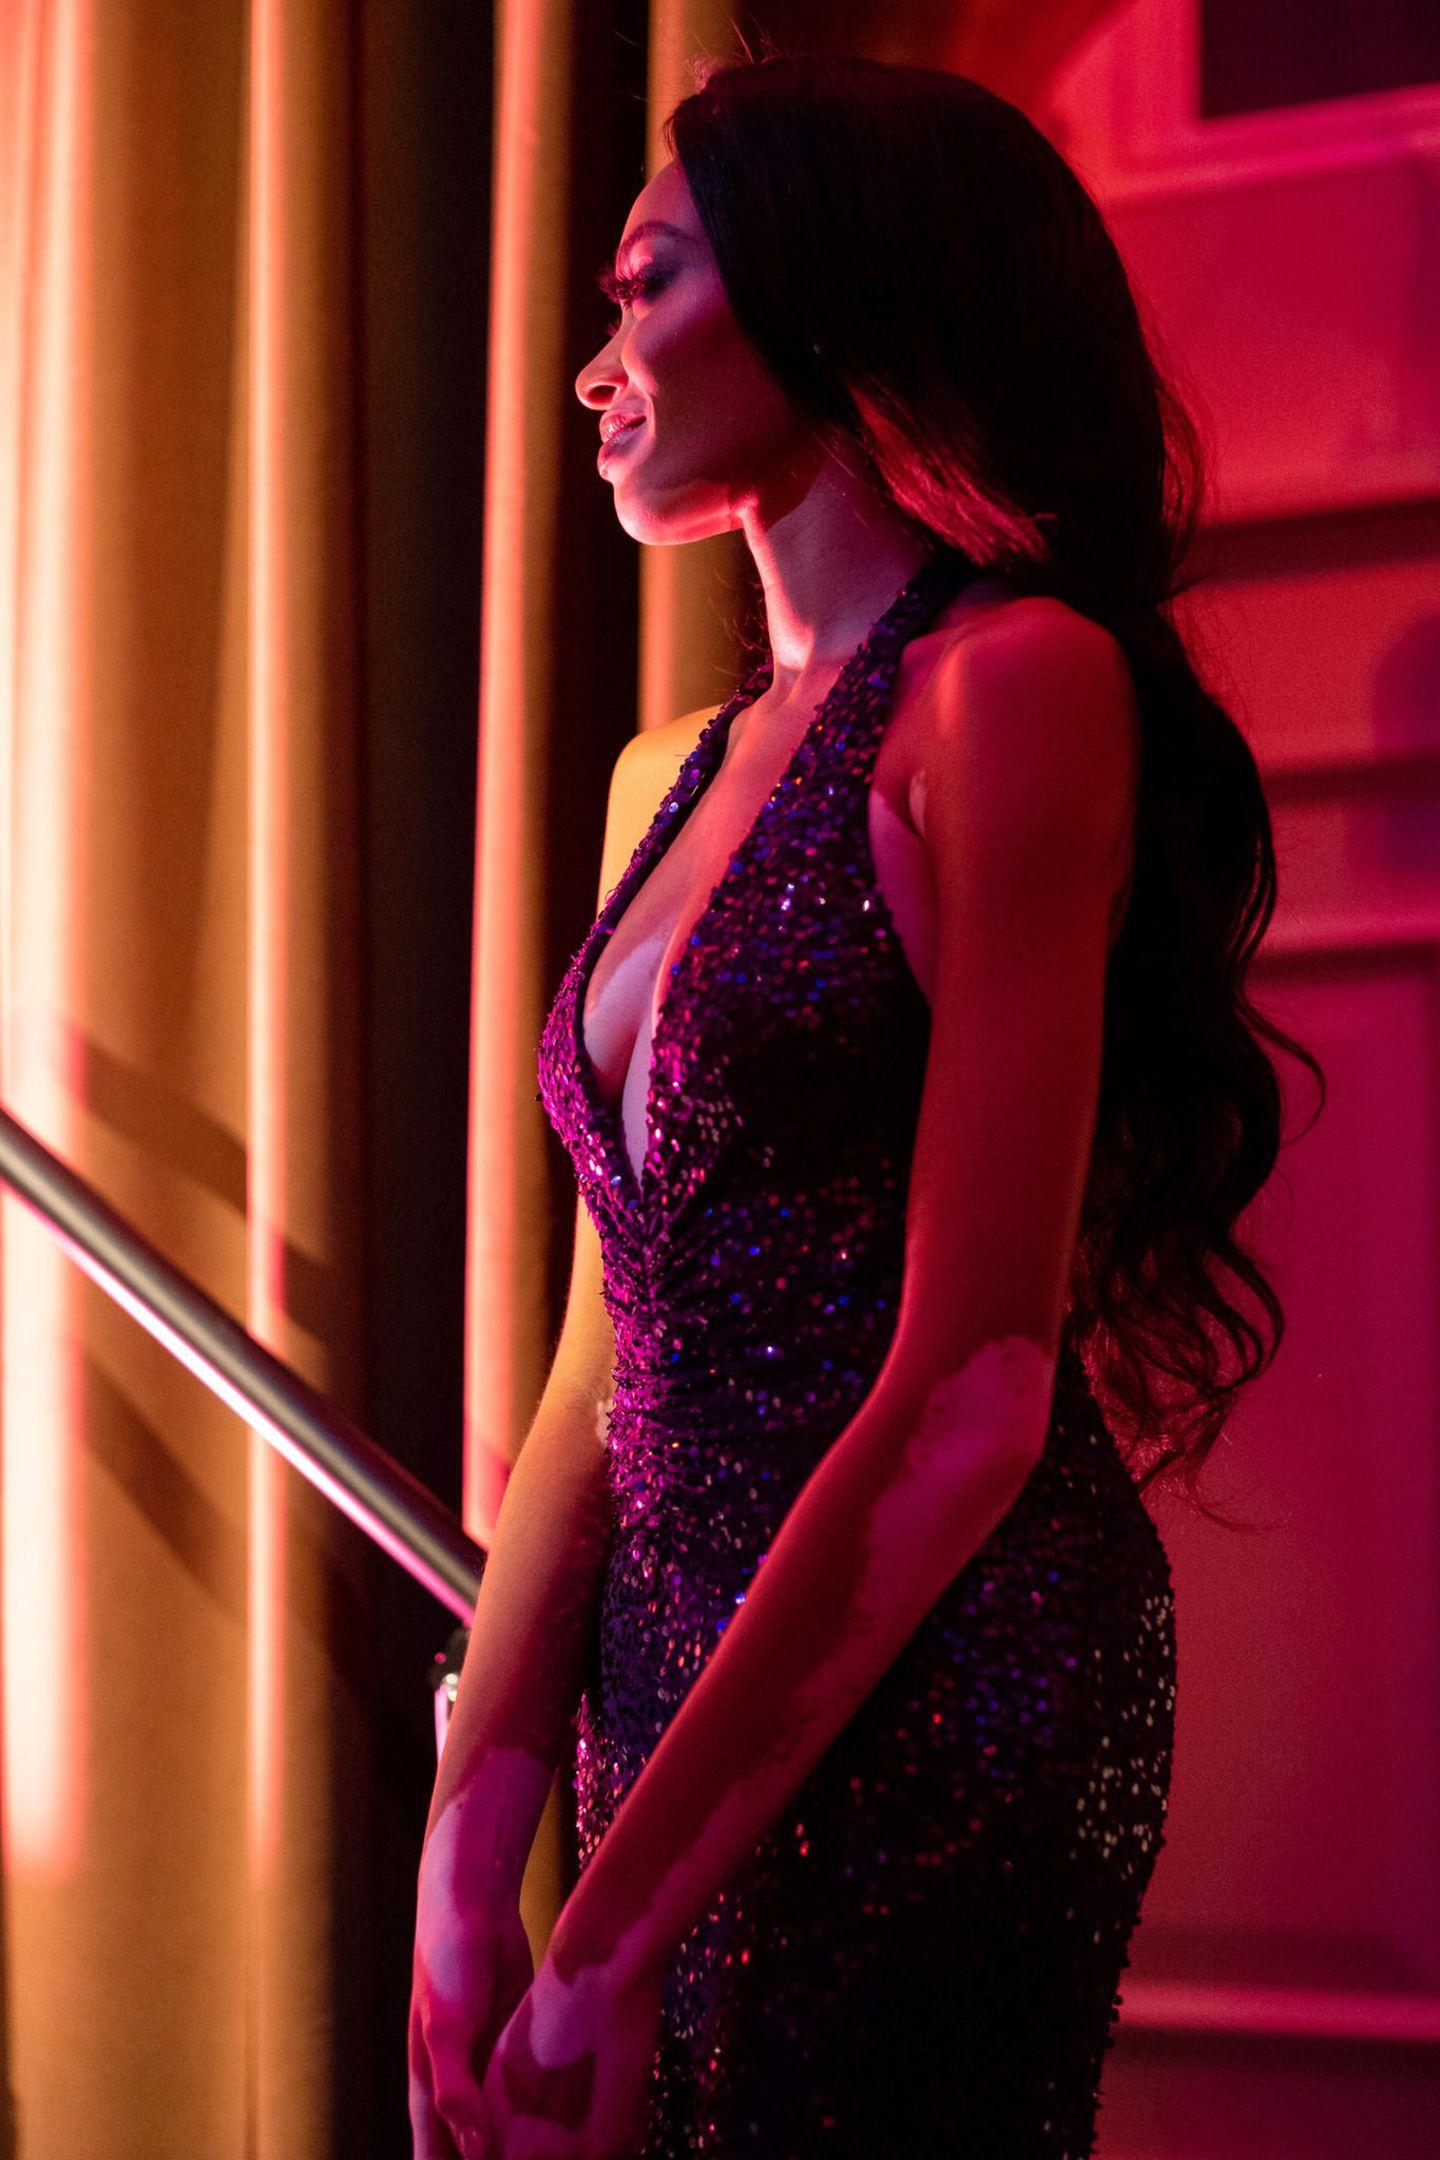 """21. Oktober 2019  Model Winnie Harlow wartet bei den """"Golden Heart Awards"""" hinter der Bühne auf ihren Auftritt. Der Award zeichnet prominente Persönlichkeiten für ihr soziales Engagement und Dienst an der Öffentlichkeit aus."""